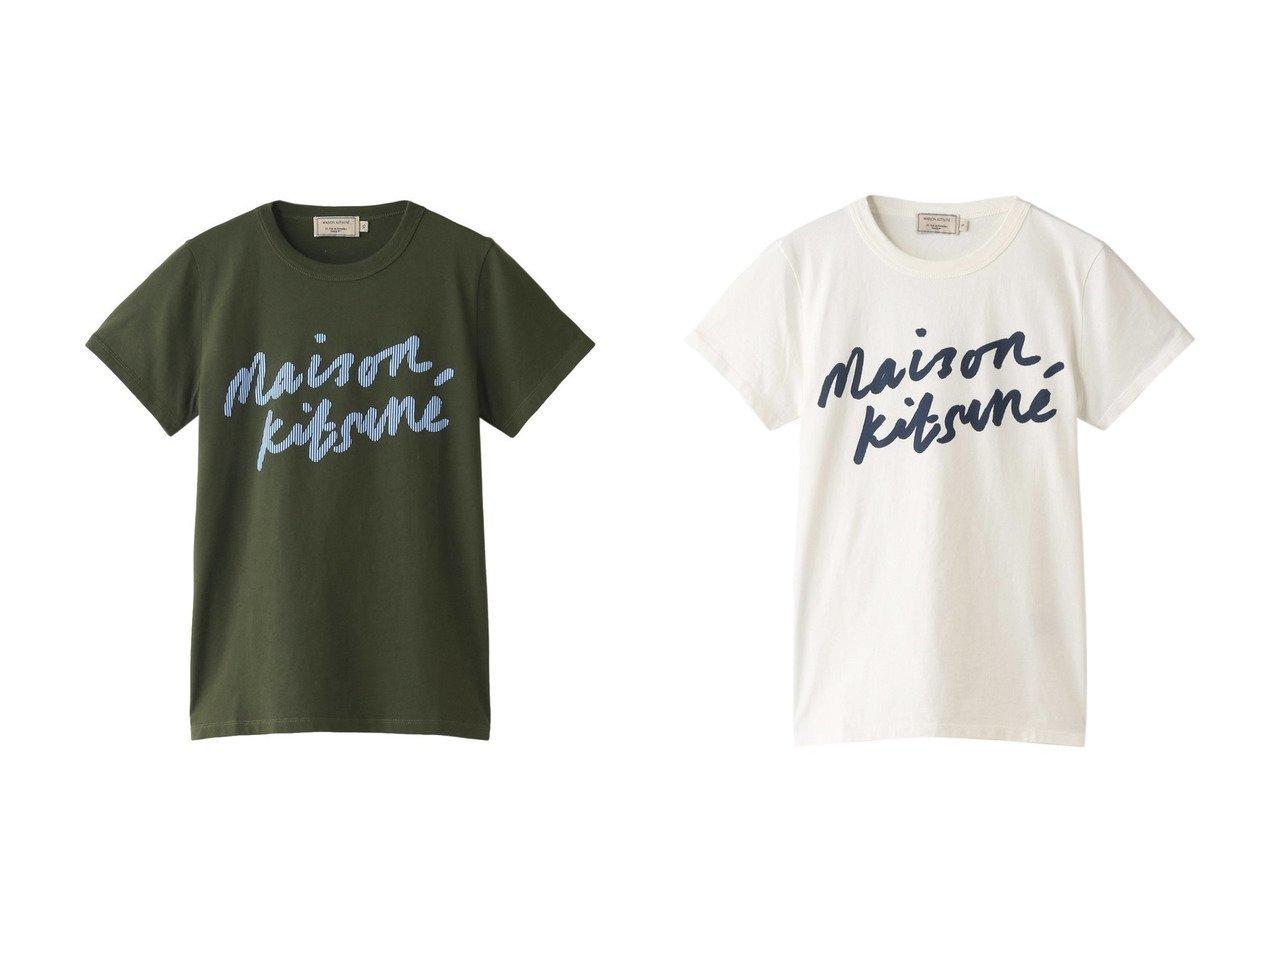 【MAISON KITSUNE/メゾン キツネ】のHANDWRITING CLASSIC TEE-Tシャツ&HANDWRITING CLASSIC TEE-Tシャツ MAISON KITSUNEのおすすめ!人気、トレンド・レディースファッションの通販 おすすめで人気の流行・トレンド、ファッションの通販商品 メンズファッション・キッズファッション・インテリア・家具・レディースファッション・服の通販 founy(ファニー) https://founy.com/ ファッション Fashion レディースファッション WOMEN トップス カットソー Tops Tshirt シャツ/ブラウス Shirts Blouses ロング / Tシャツ T-Shirts カットソー Cut and Sewn 2021年 2021 2021 春夏 S/S SS Spring/Summer 2021 S/S 春夏 SS Spring/Summer ショート シンプル ストライプ スリーブ プリント ロング 春 Spring |ID:crp329100000020624